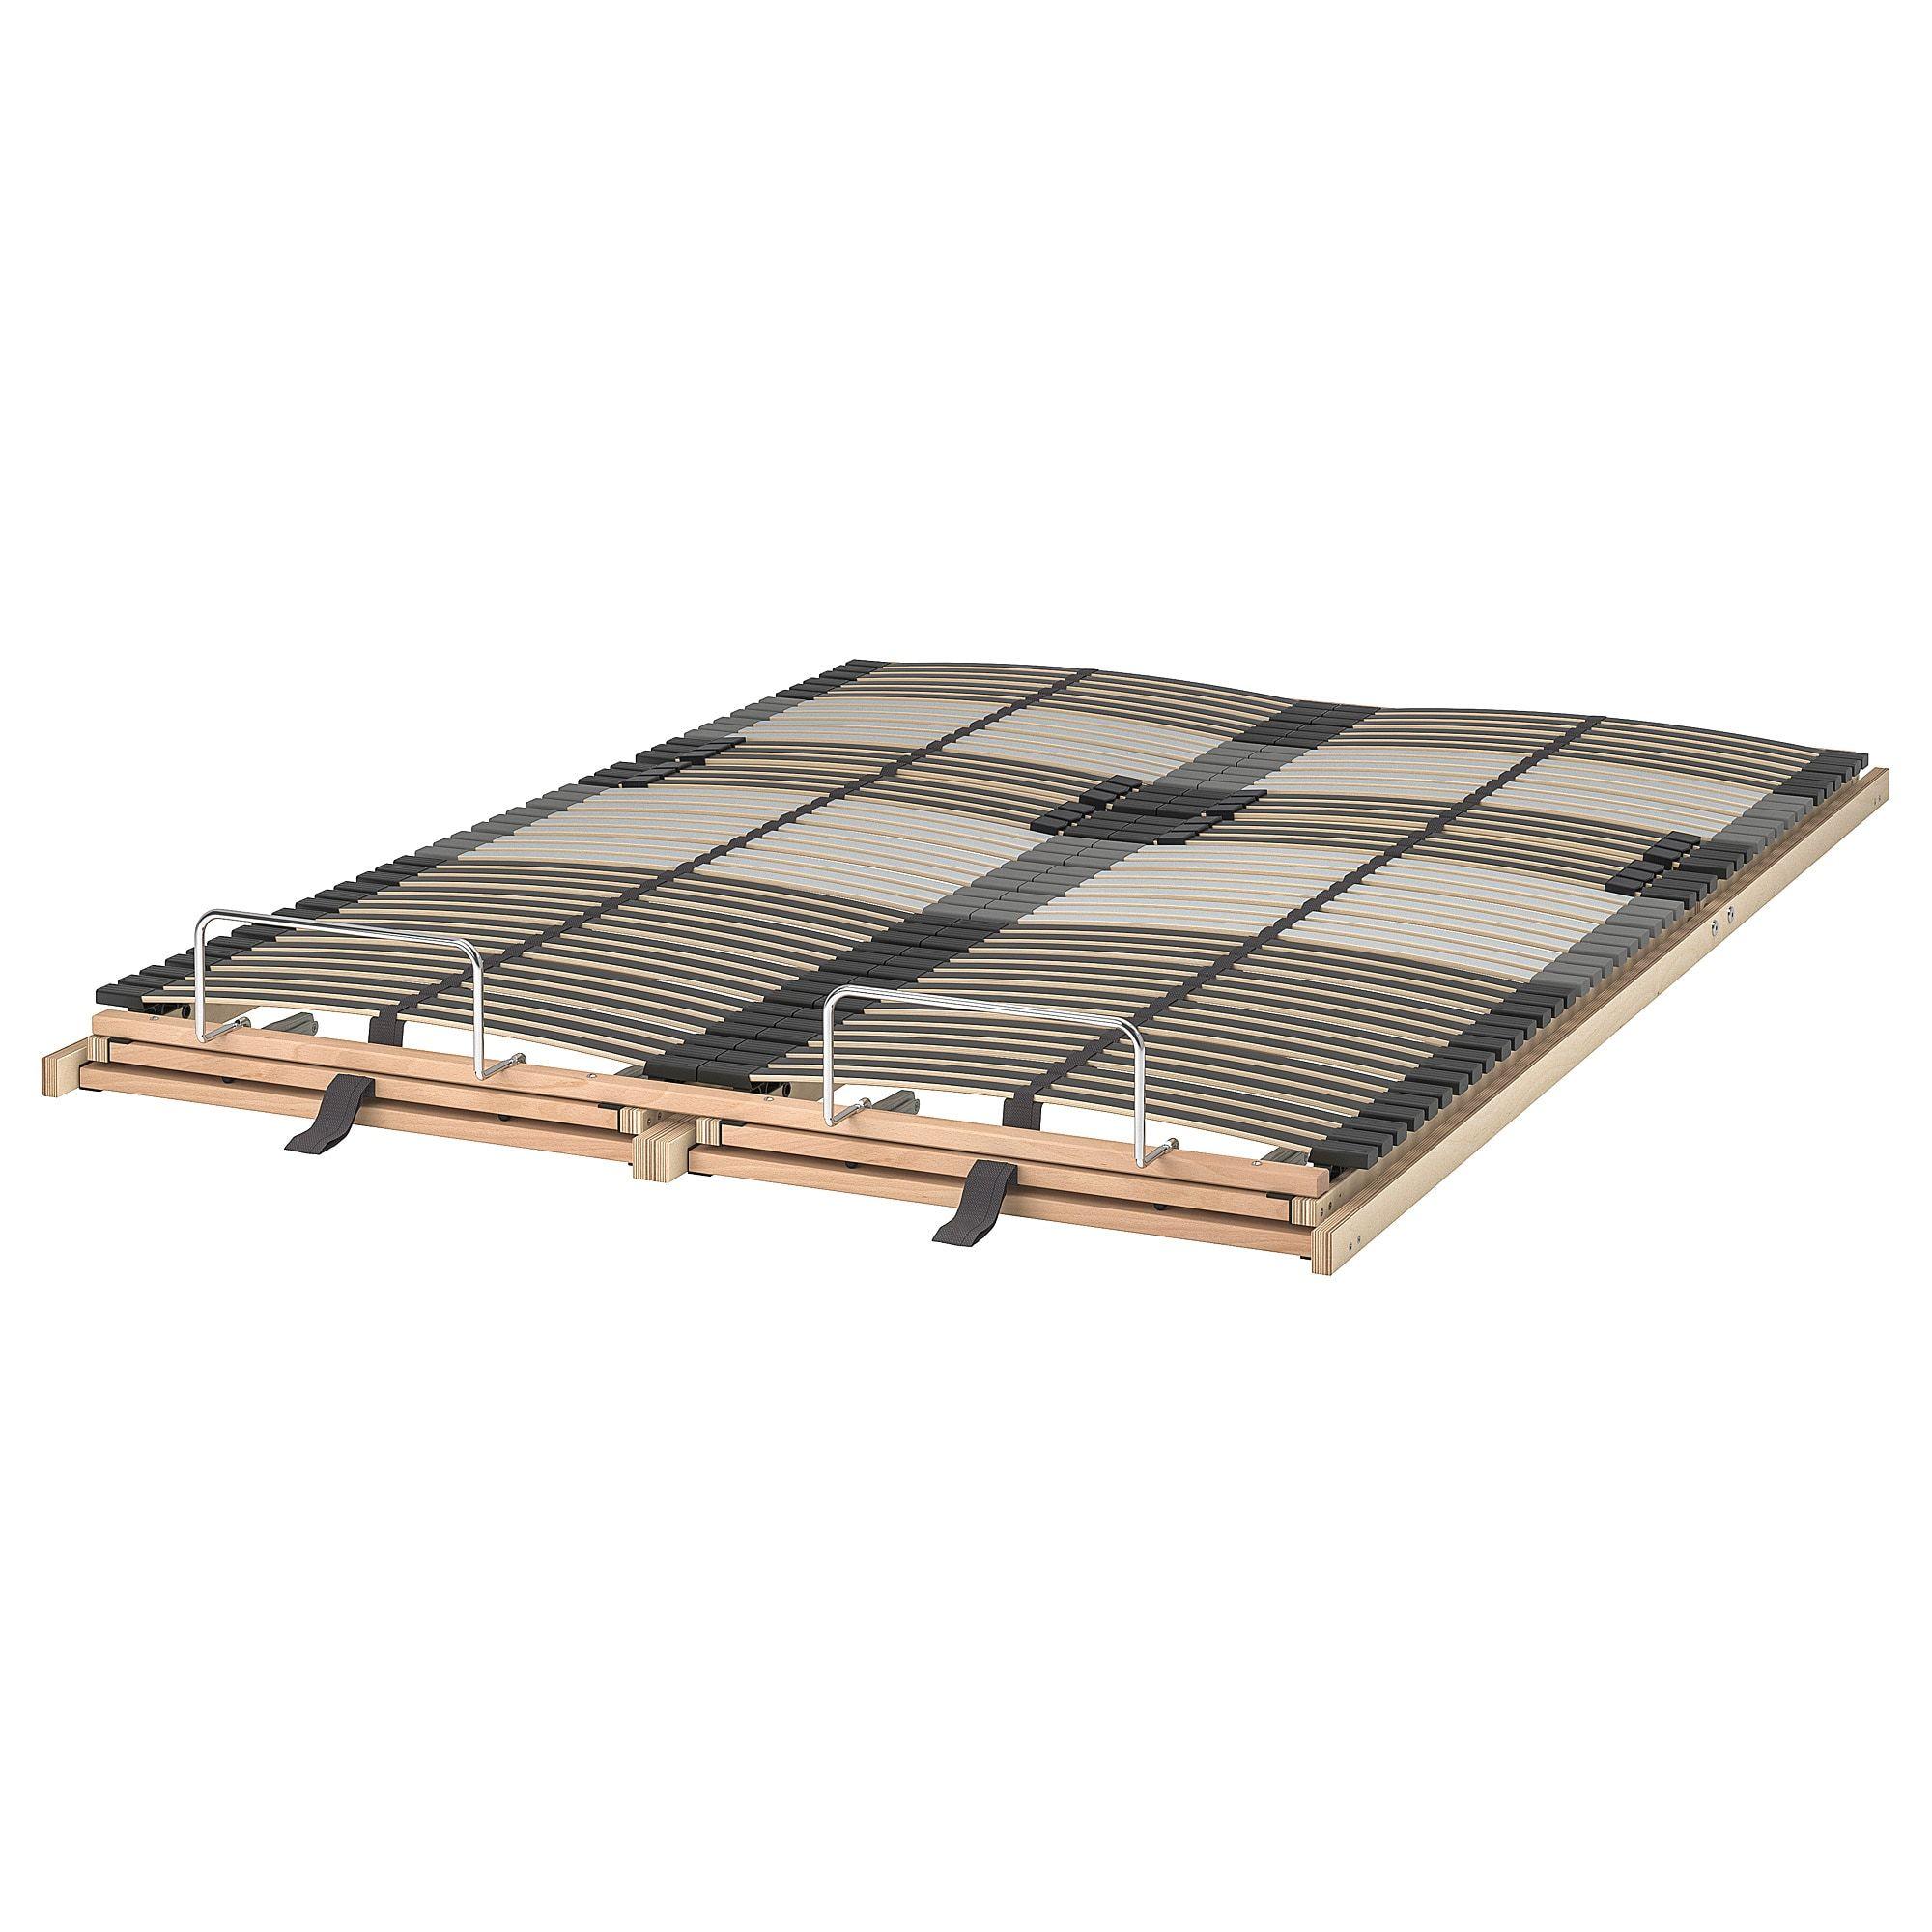 Ikea Leirsund Slatted Bed Base Adjustable Bed Base Bed Slats